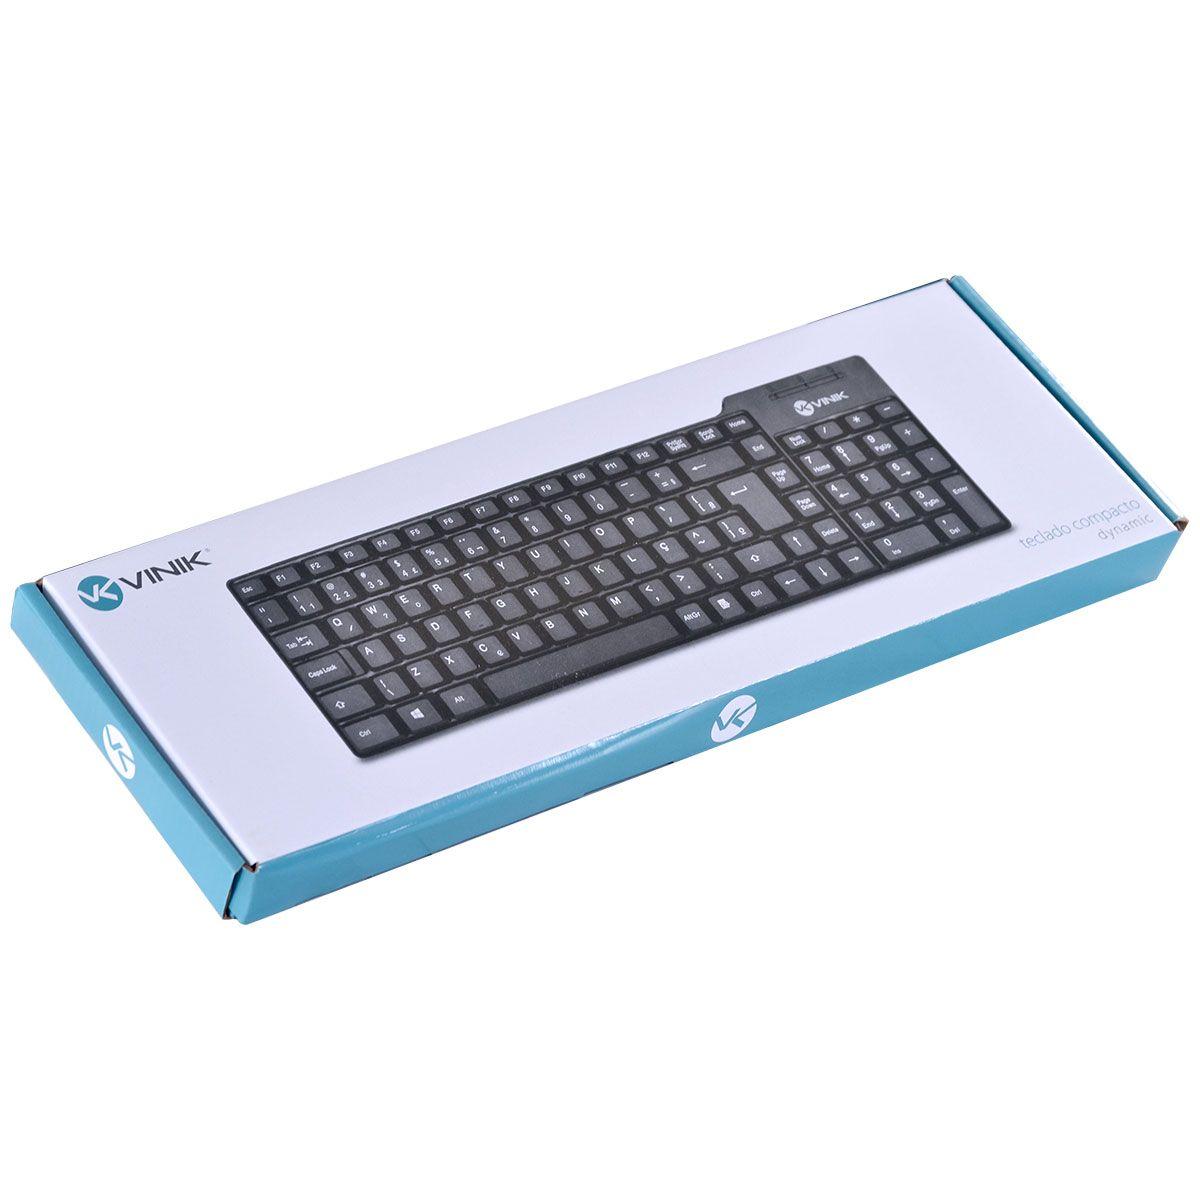 TECLADO COMPACTO USB DYNAMIC ABNT2 1.8M PRETO - DT150  - skalla magazine